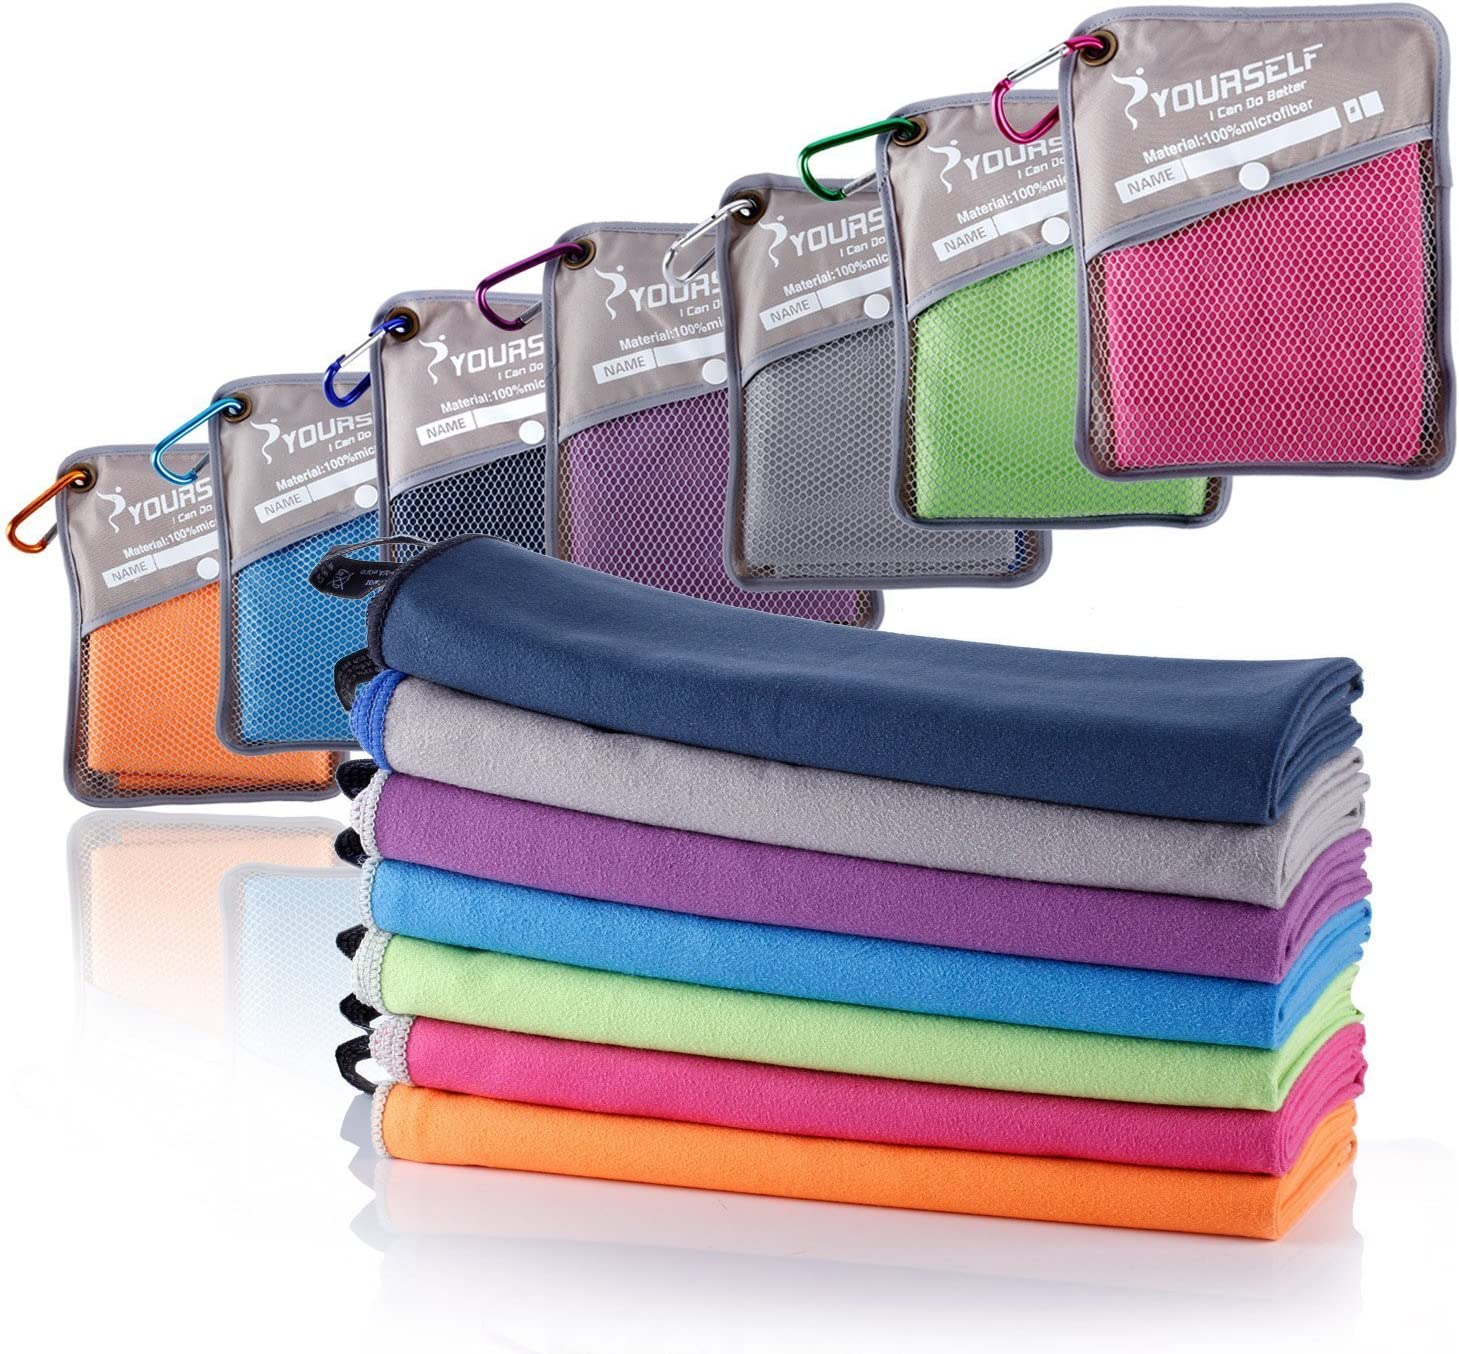 SYOURSELF Toalla de microfibra para viajes y deportes - XL, L, M, S - secado rápido, ligero, absorbente, suave - ideal para yoga, fitness, acampadas + ...